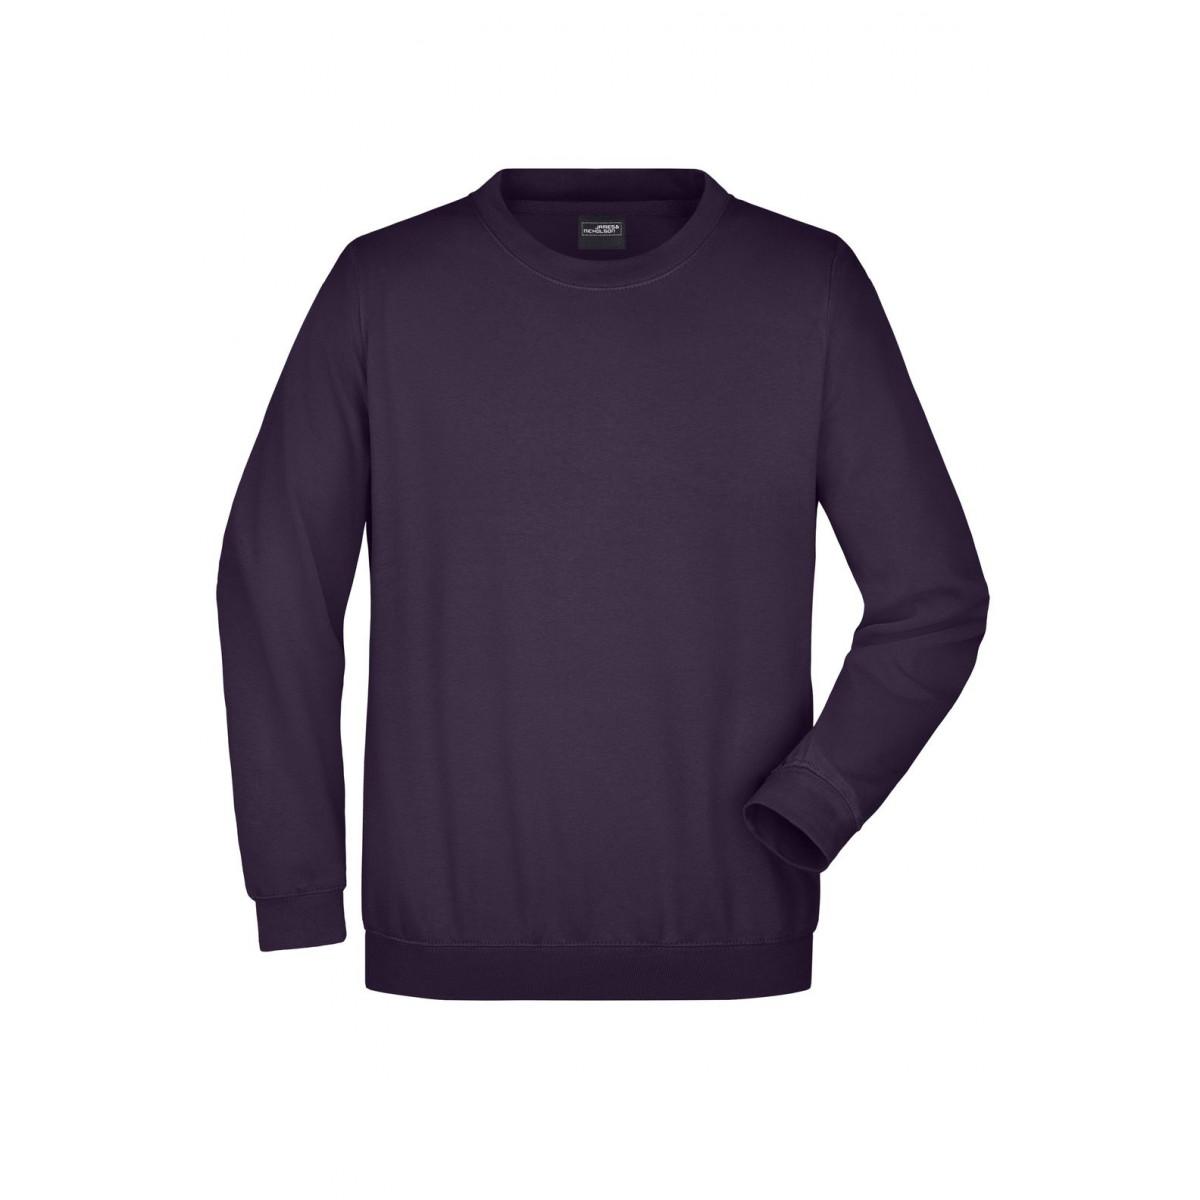 Толстовка мужская JN040 Round Sweat Heavy - Темно-фиолетовый